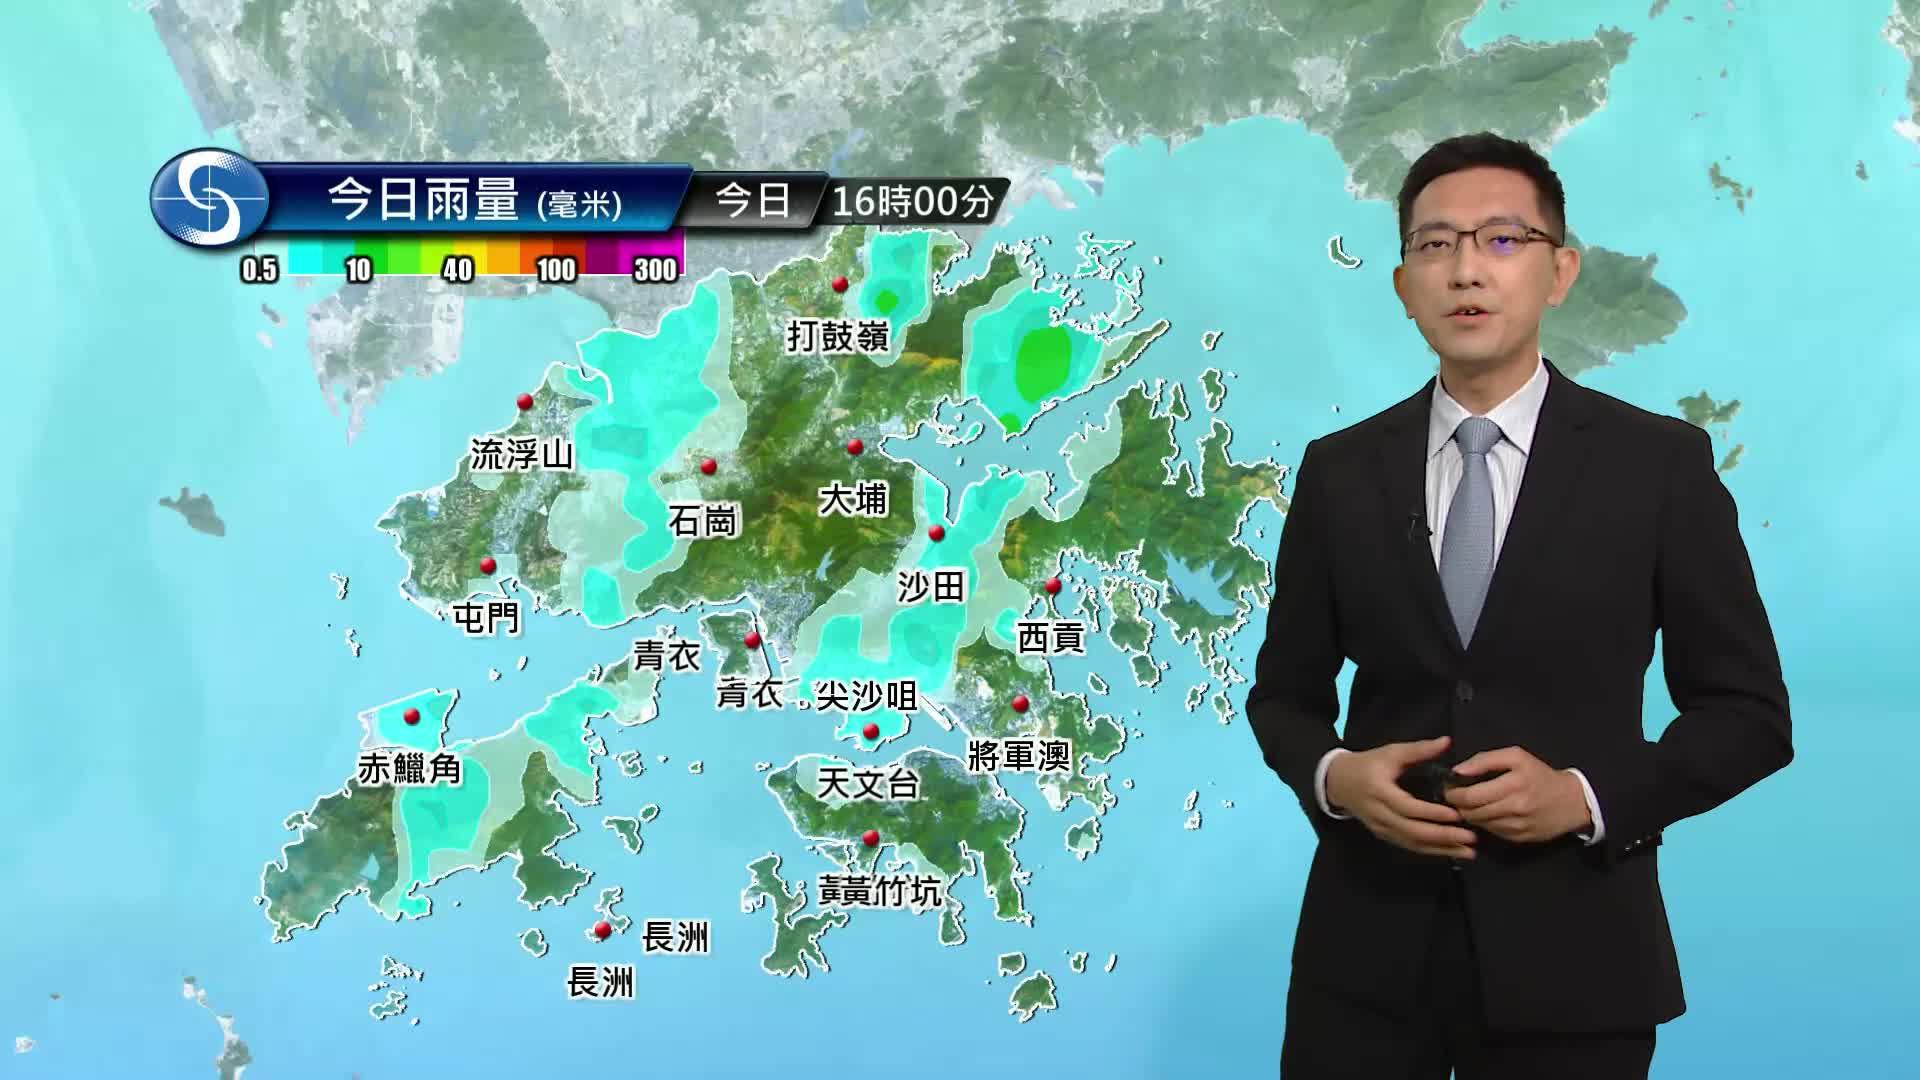 黃昏天氣節目(05月13日下午6時) - 科學主任楊威龍